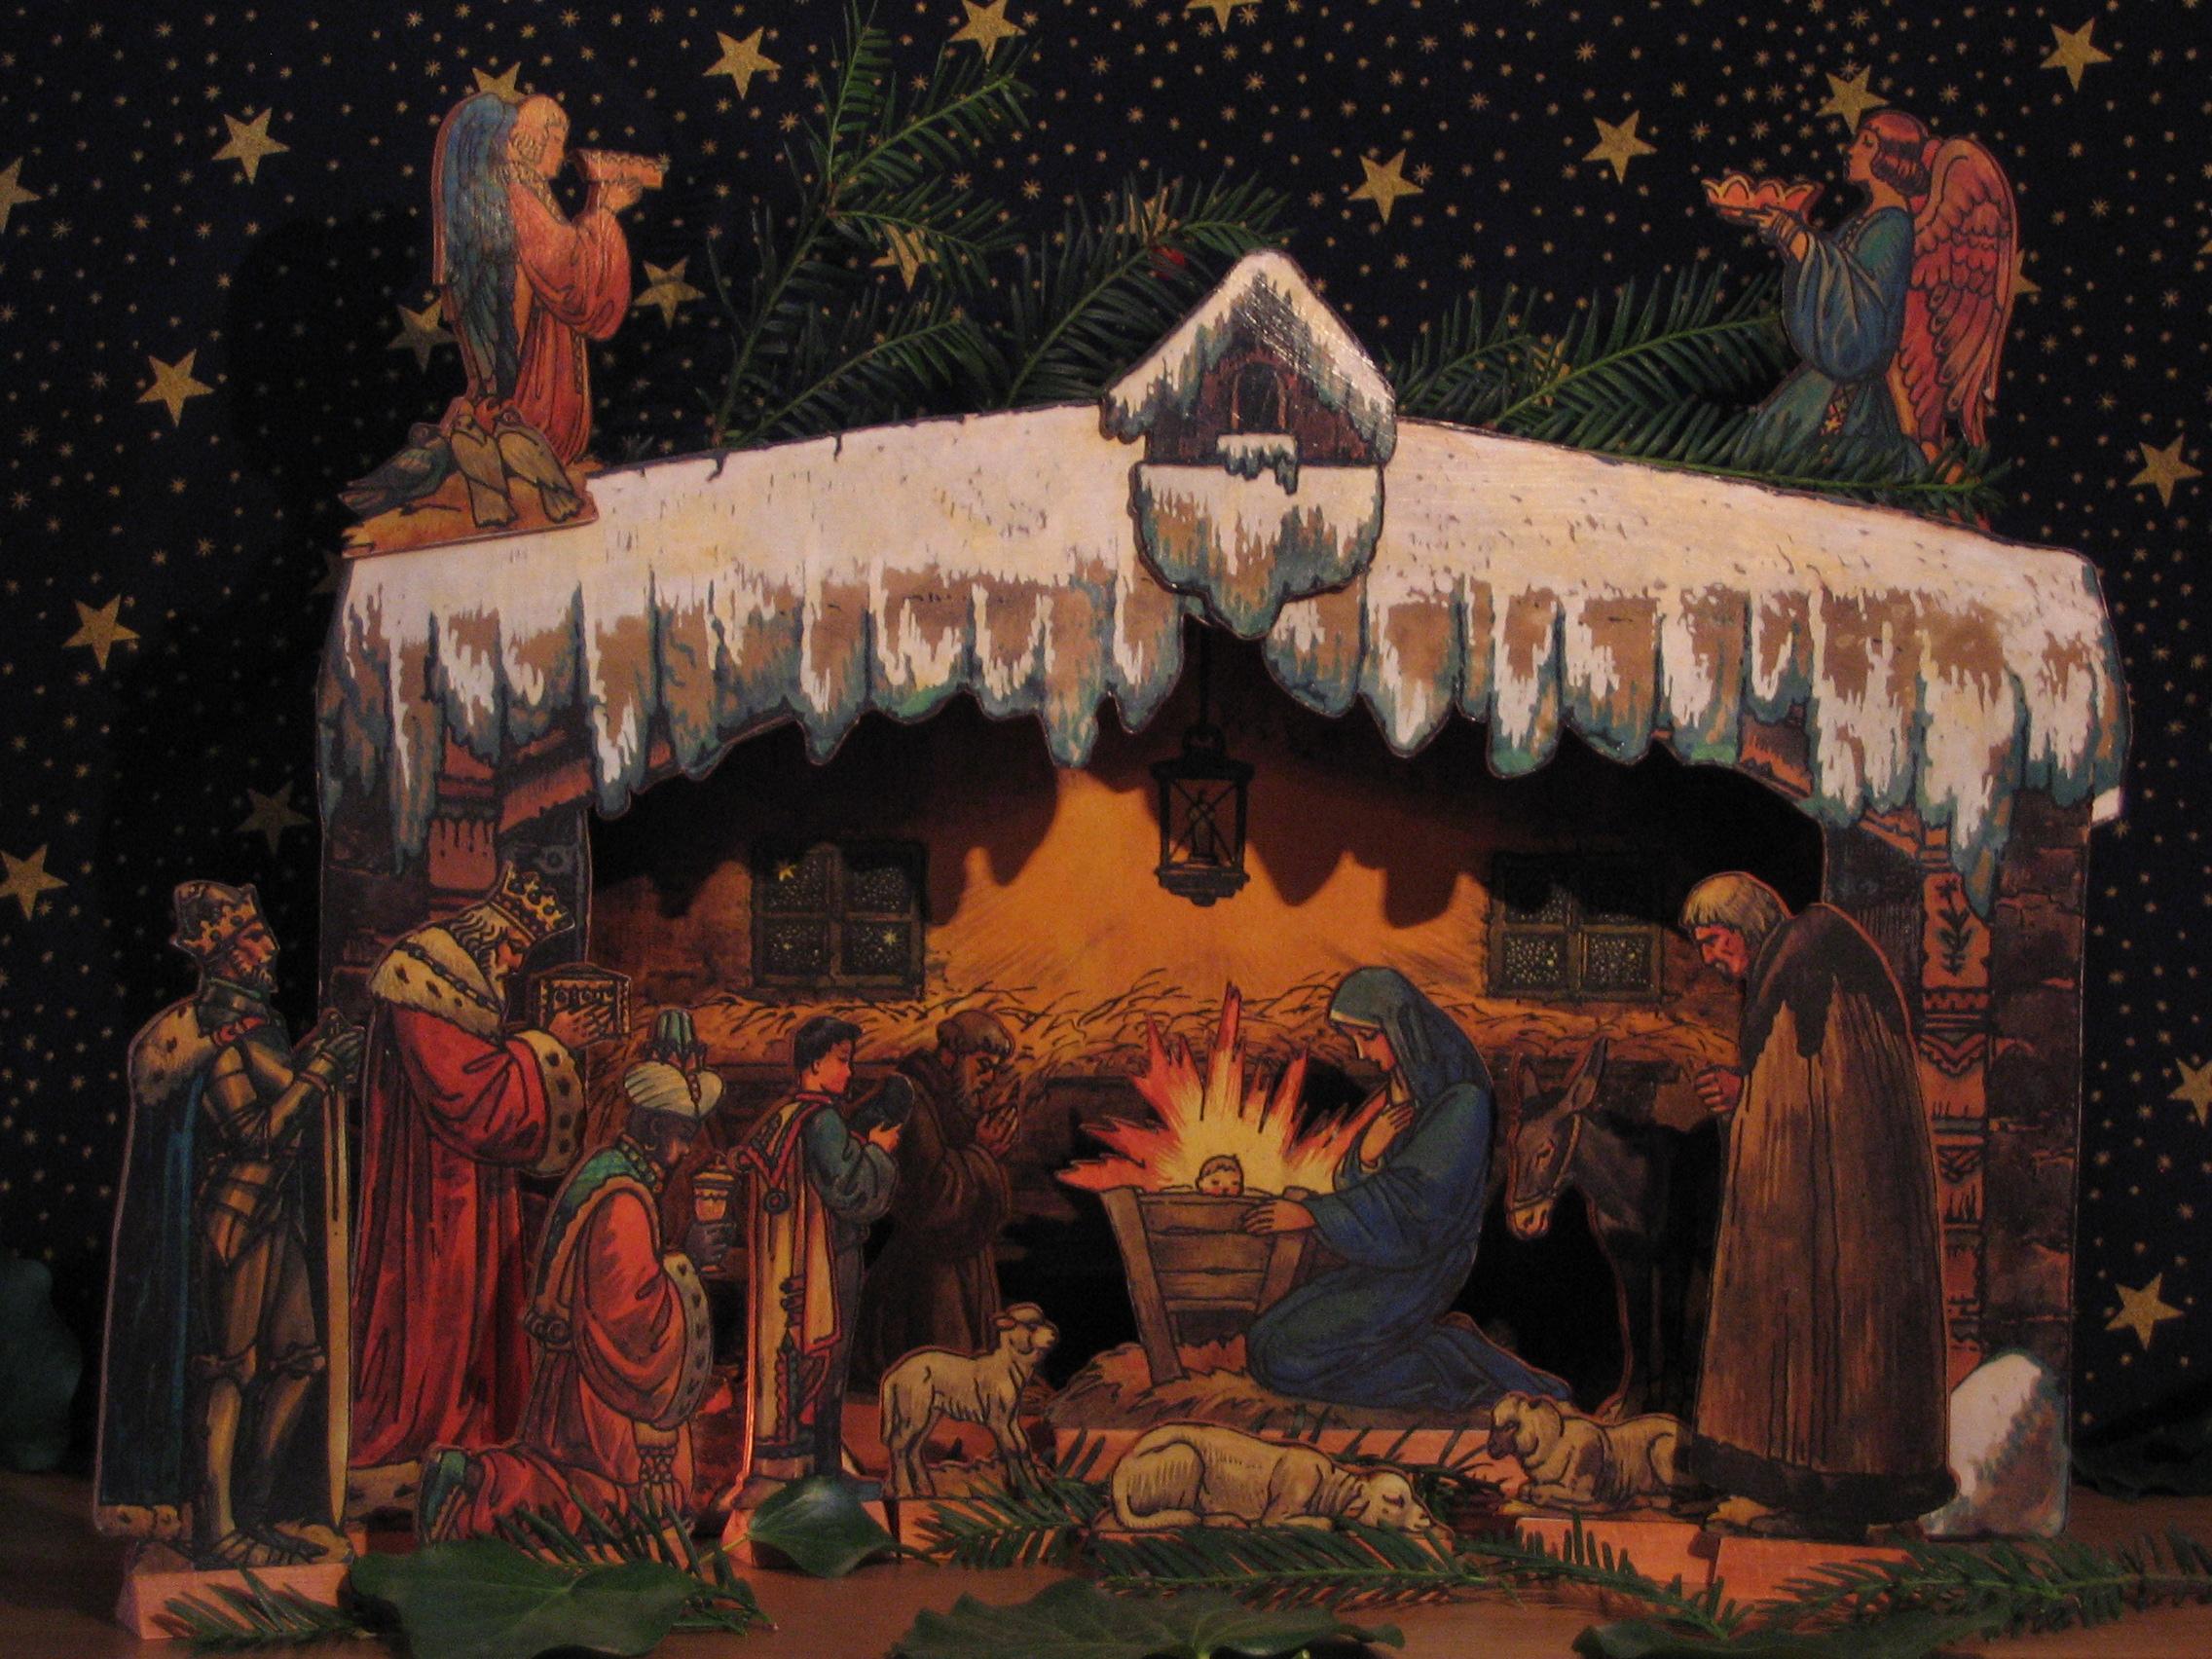 Velünk az Isten! –  püspök atya újévi köszöntője (2015)